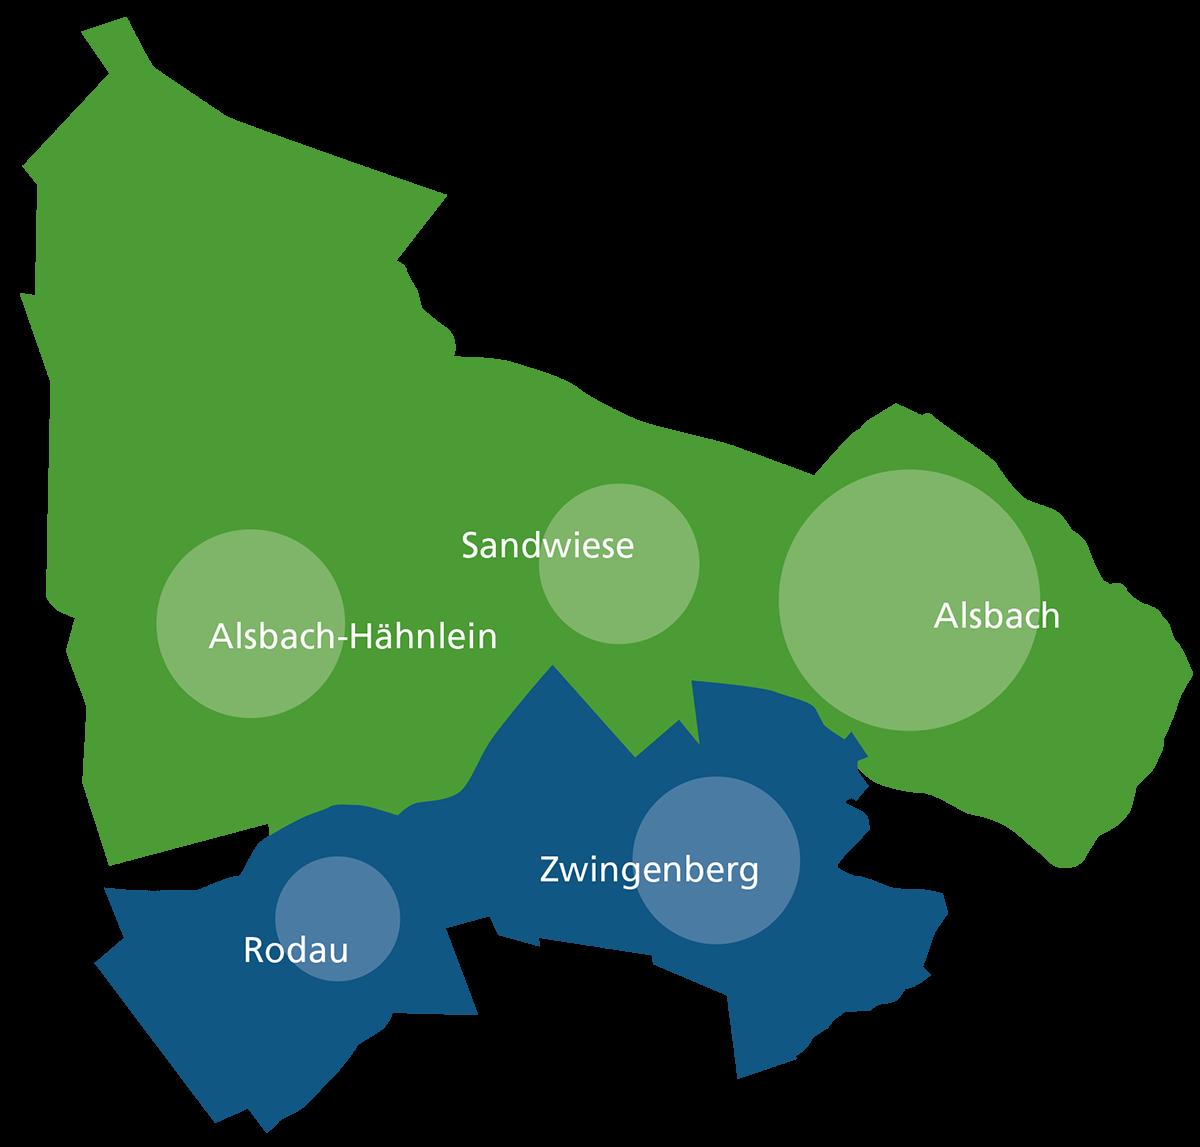 Die Mitglieder des ZKD Zweckverband Kommunale Dienste Alsbach-Hähnlein-Zwingenberg sind die jeweiligen Städte oder Gemeinden, der Sitz ist in Alsbach-Hähnlein.